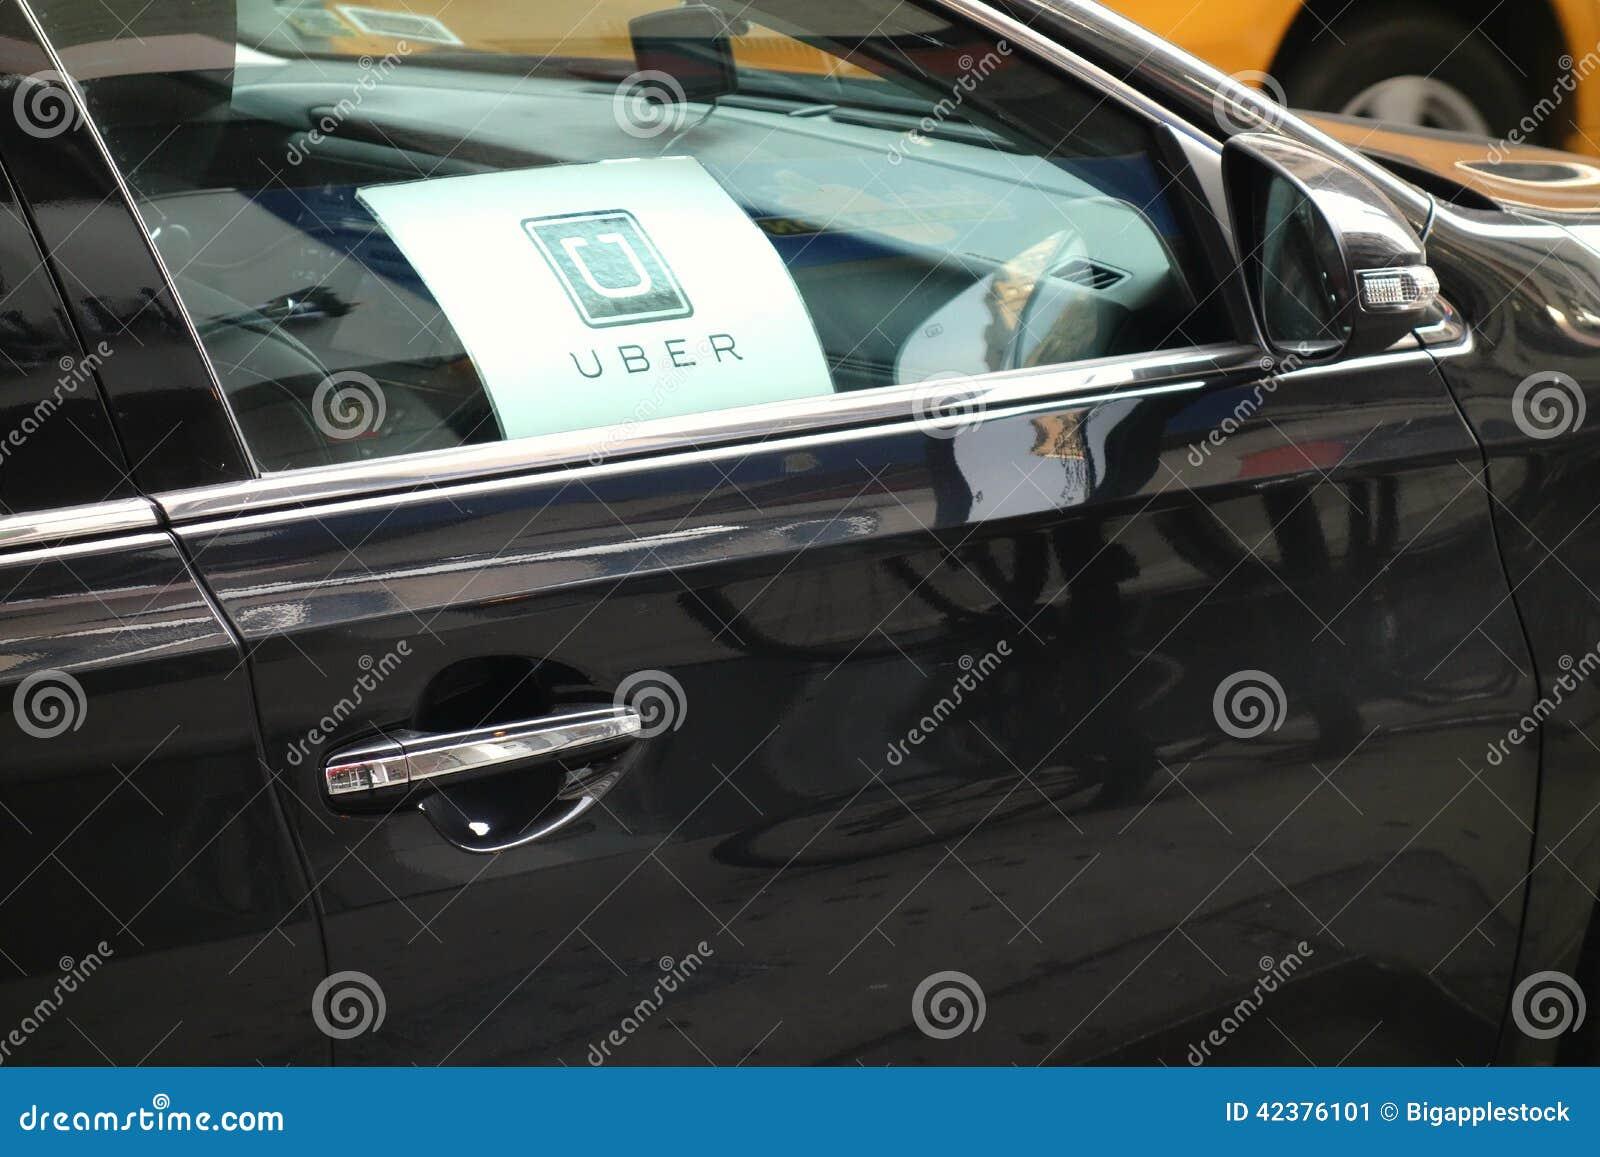 Uber Car For  Passengers